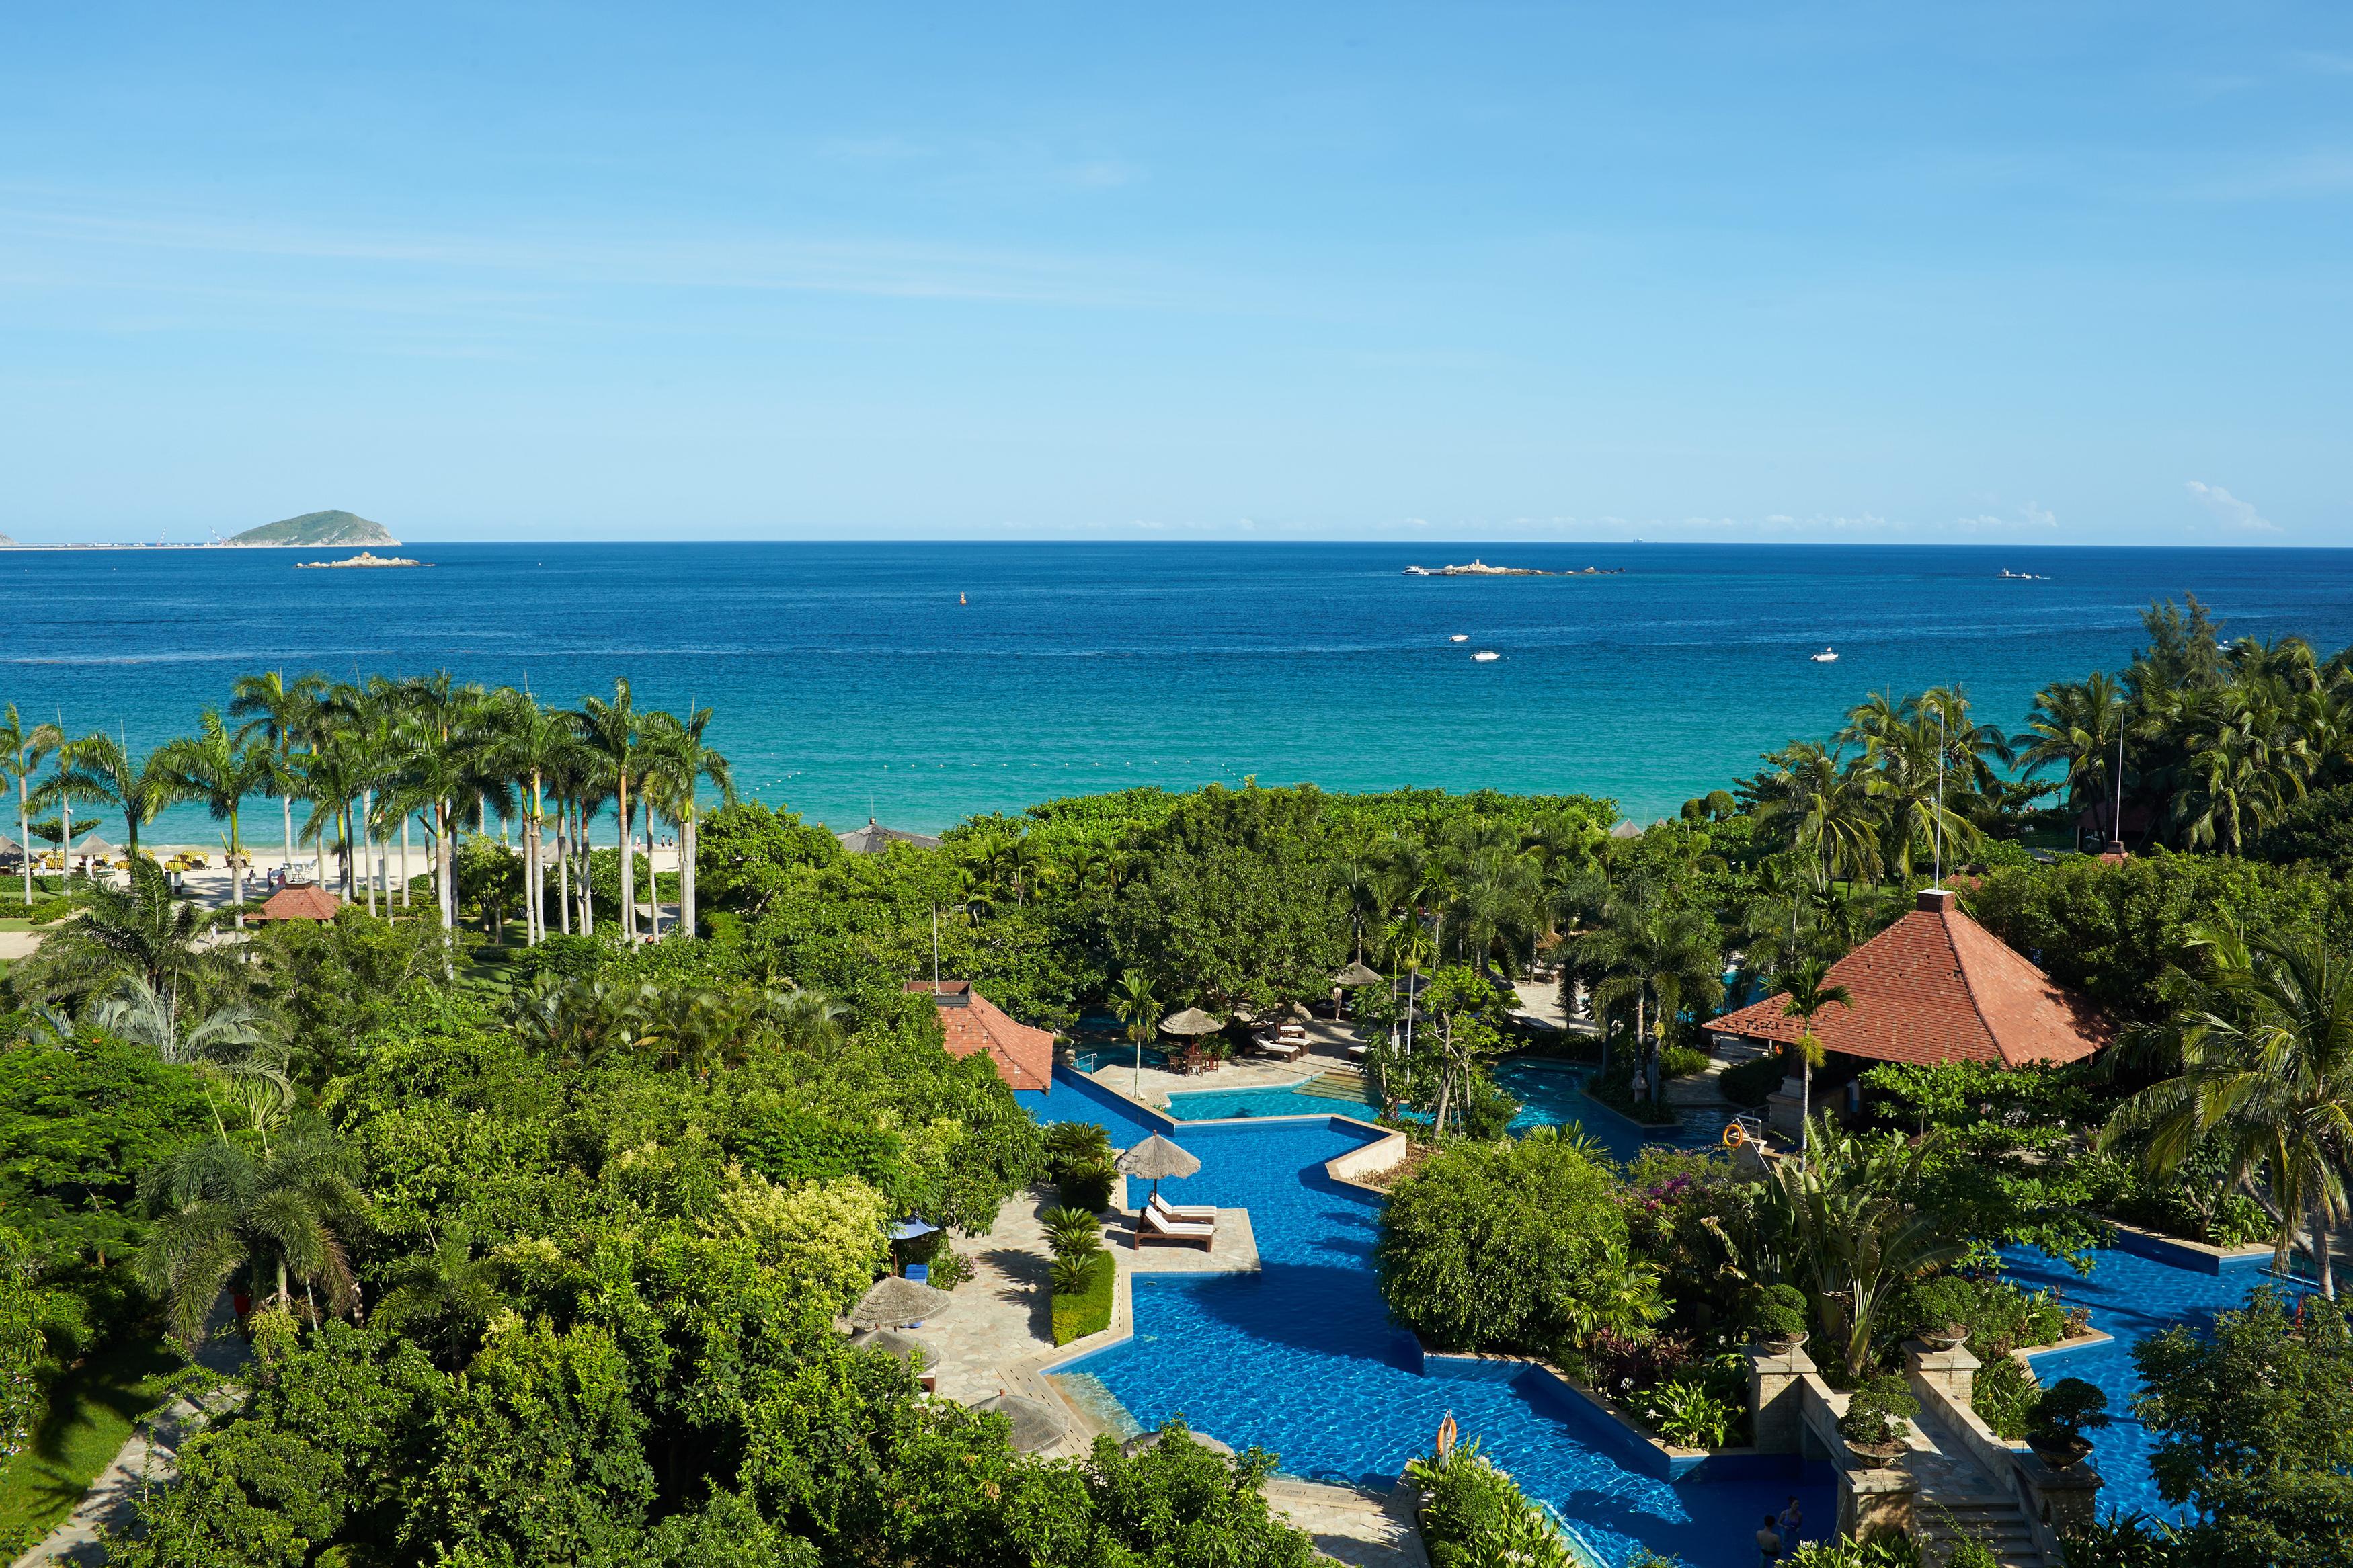 海南三亚亚龙湾的希尔顿,红树林,喜来登和丽思卡尔顿四个酒店哪个比较